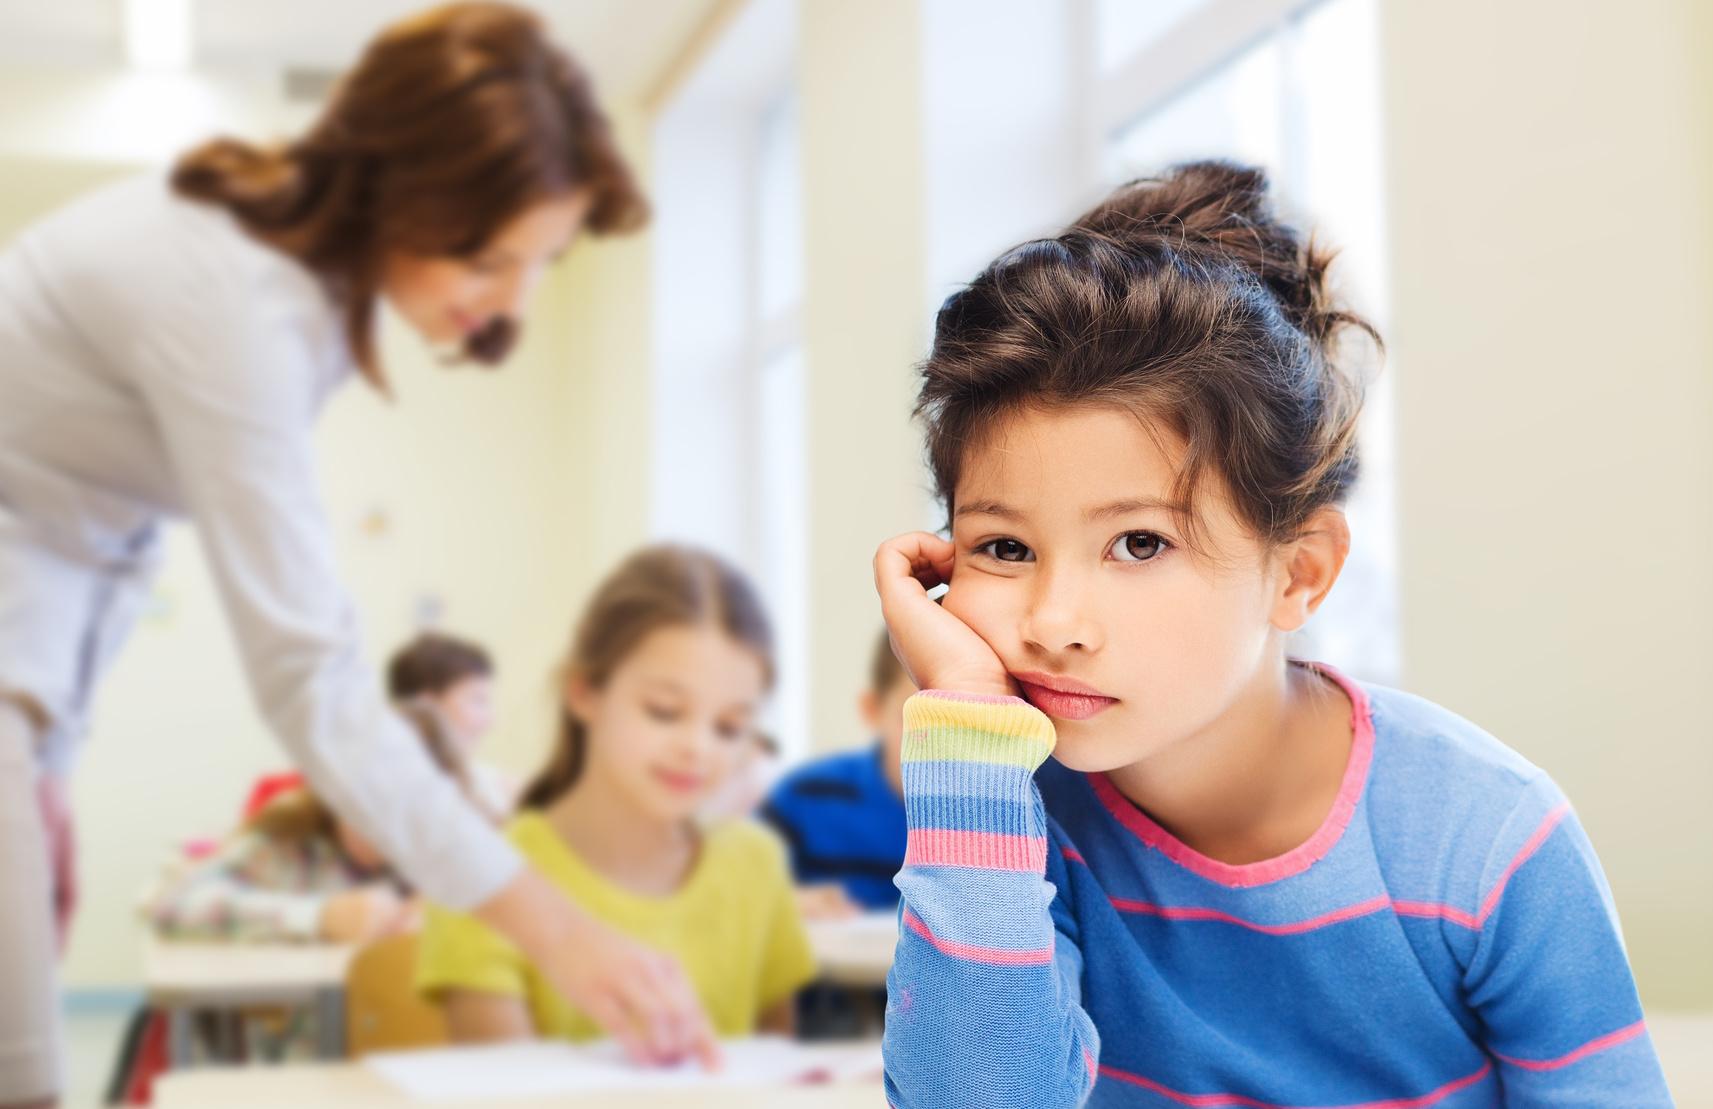 コミュニケーションや学習がうまくできないのは発達障害かも!?